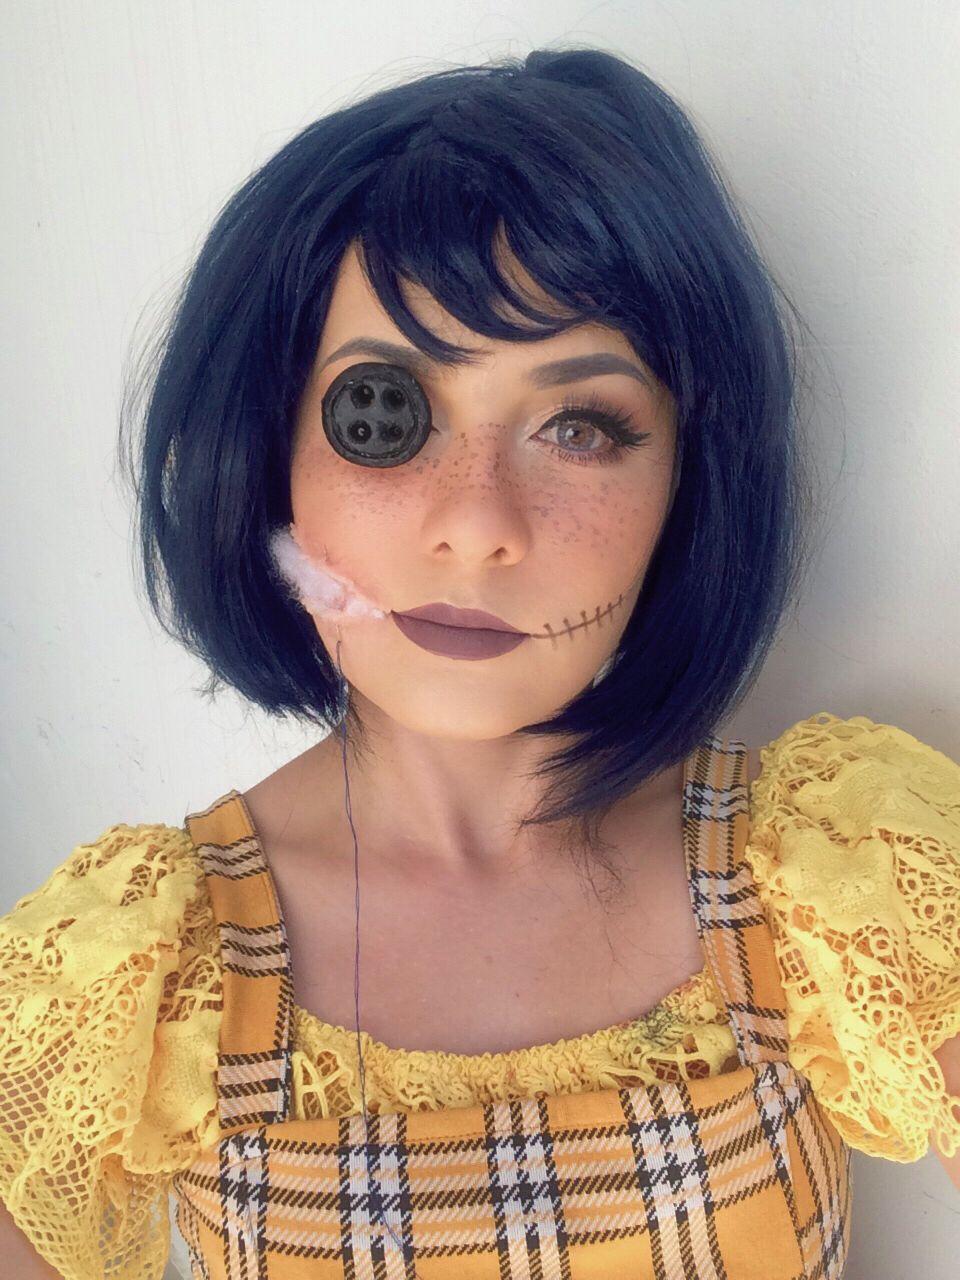 Coraline inspired makeup